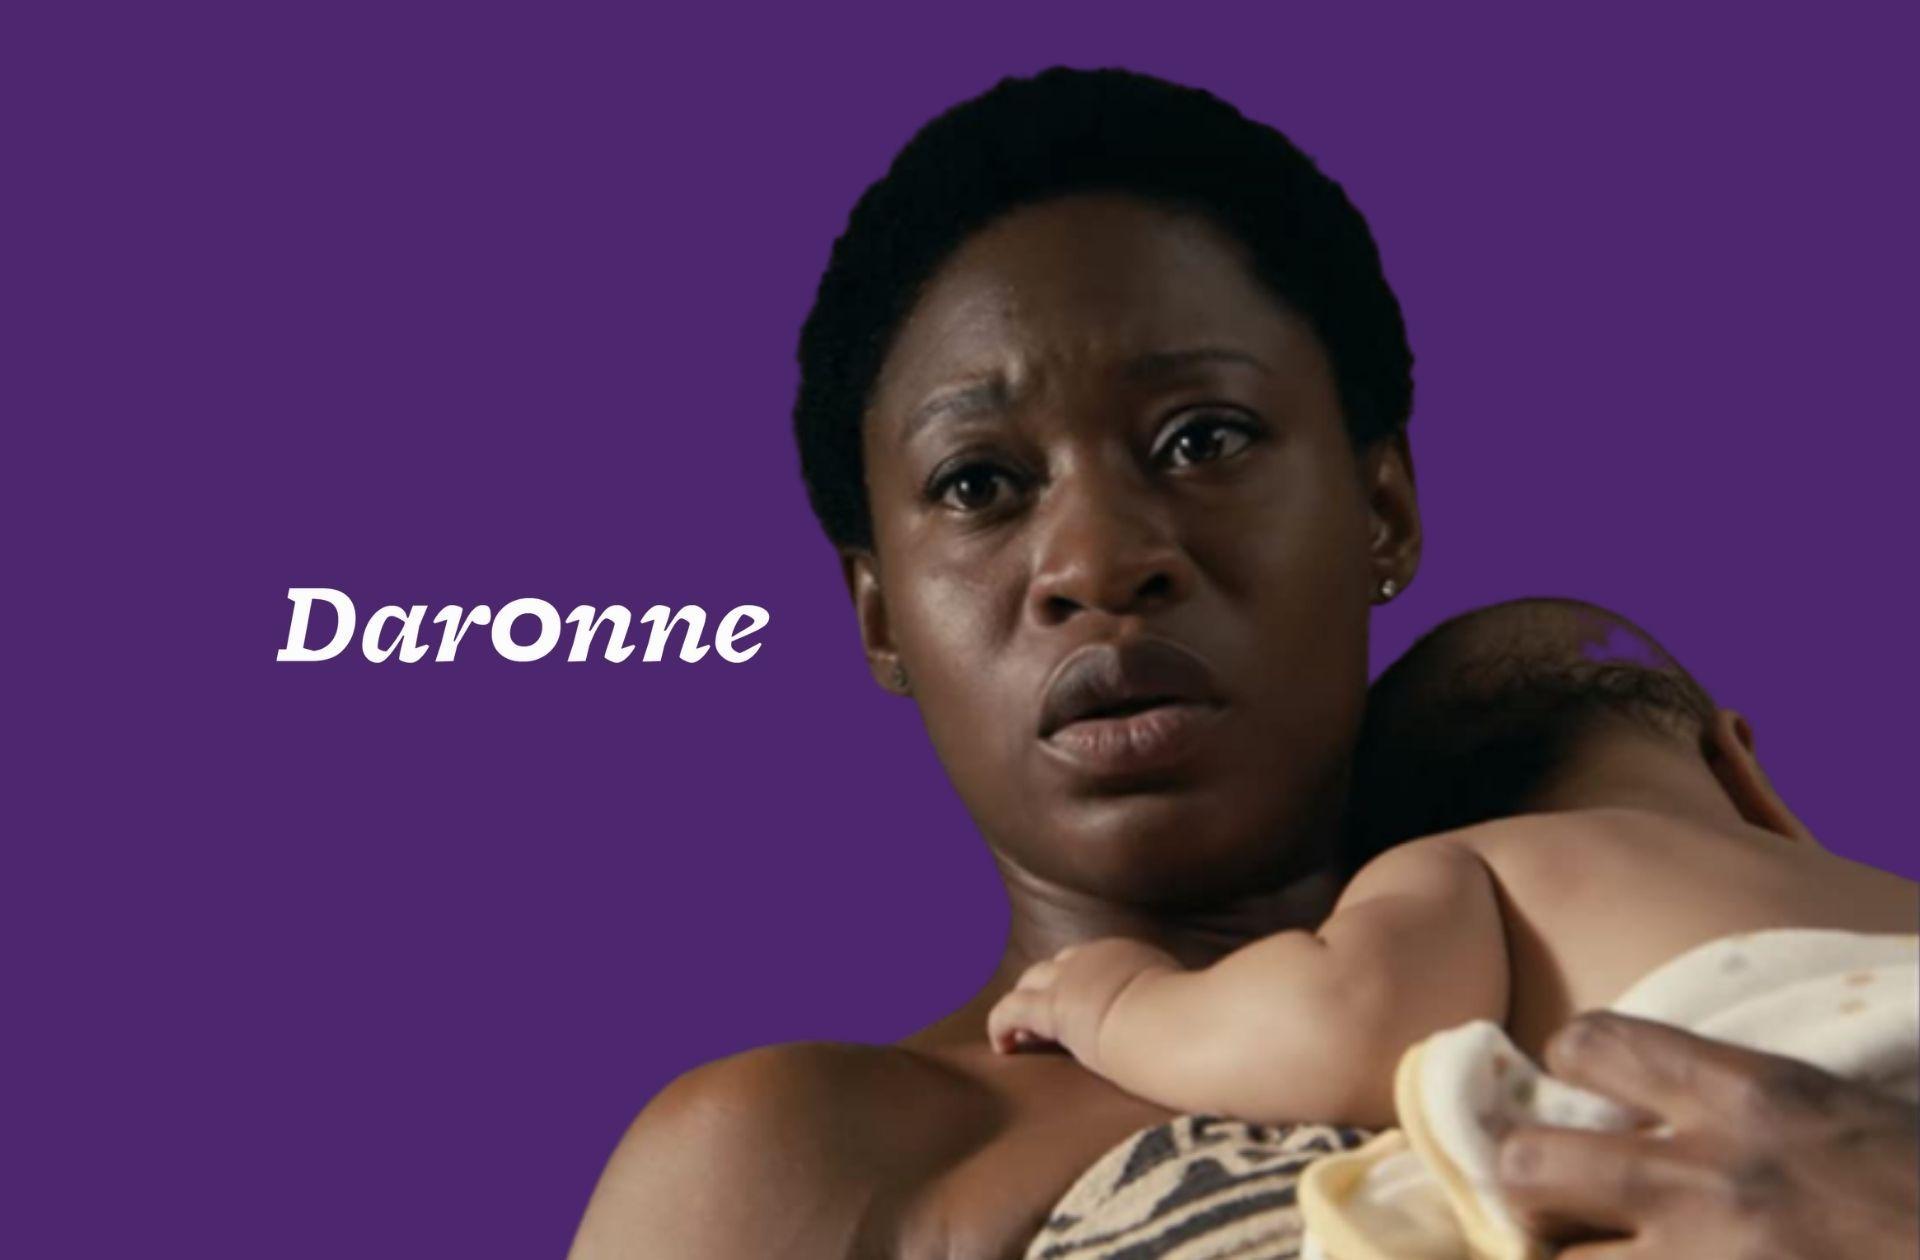 Chère Daronne, la newsletter parentalité qui répondra à toutes vos questions, même celles qu'on n'ose pas se poser.